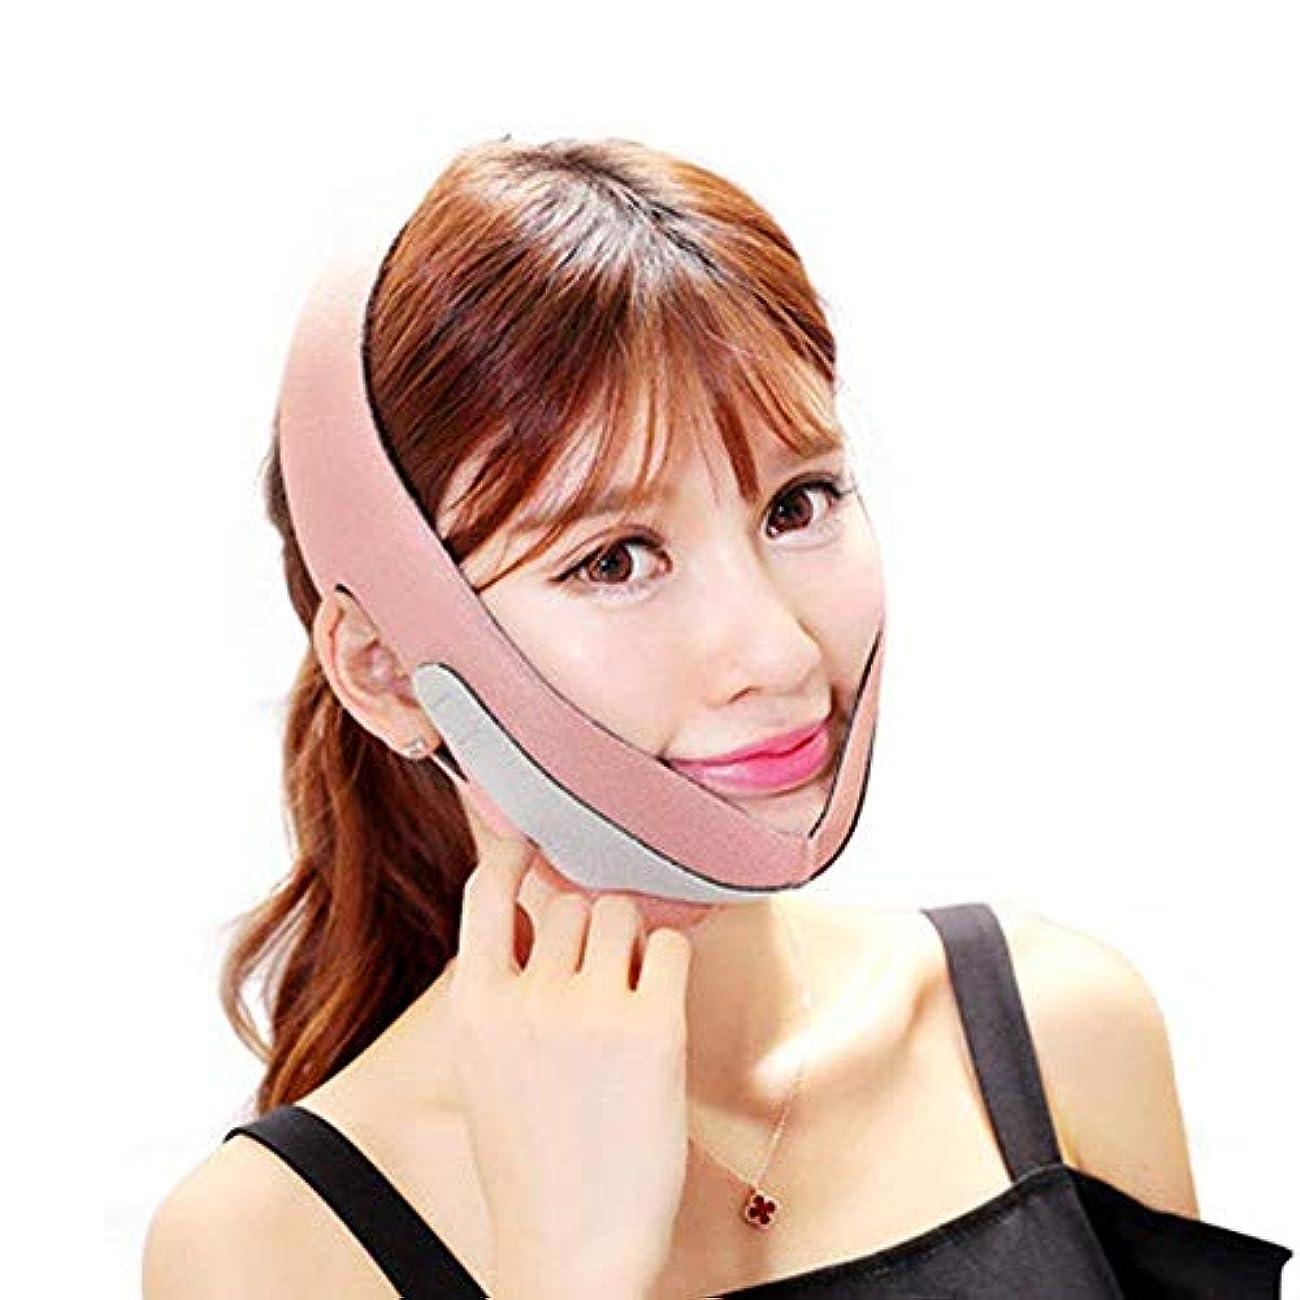 リサイクルする笑散歩IBAOBAO 寝ながら 小顔矯正 フェイス マスク ベルト 男女兼用 美顔器 美容グッズ リフトアップ ベルト 引き上げ 小顔 マスク 2点セット